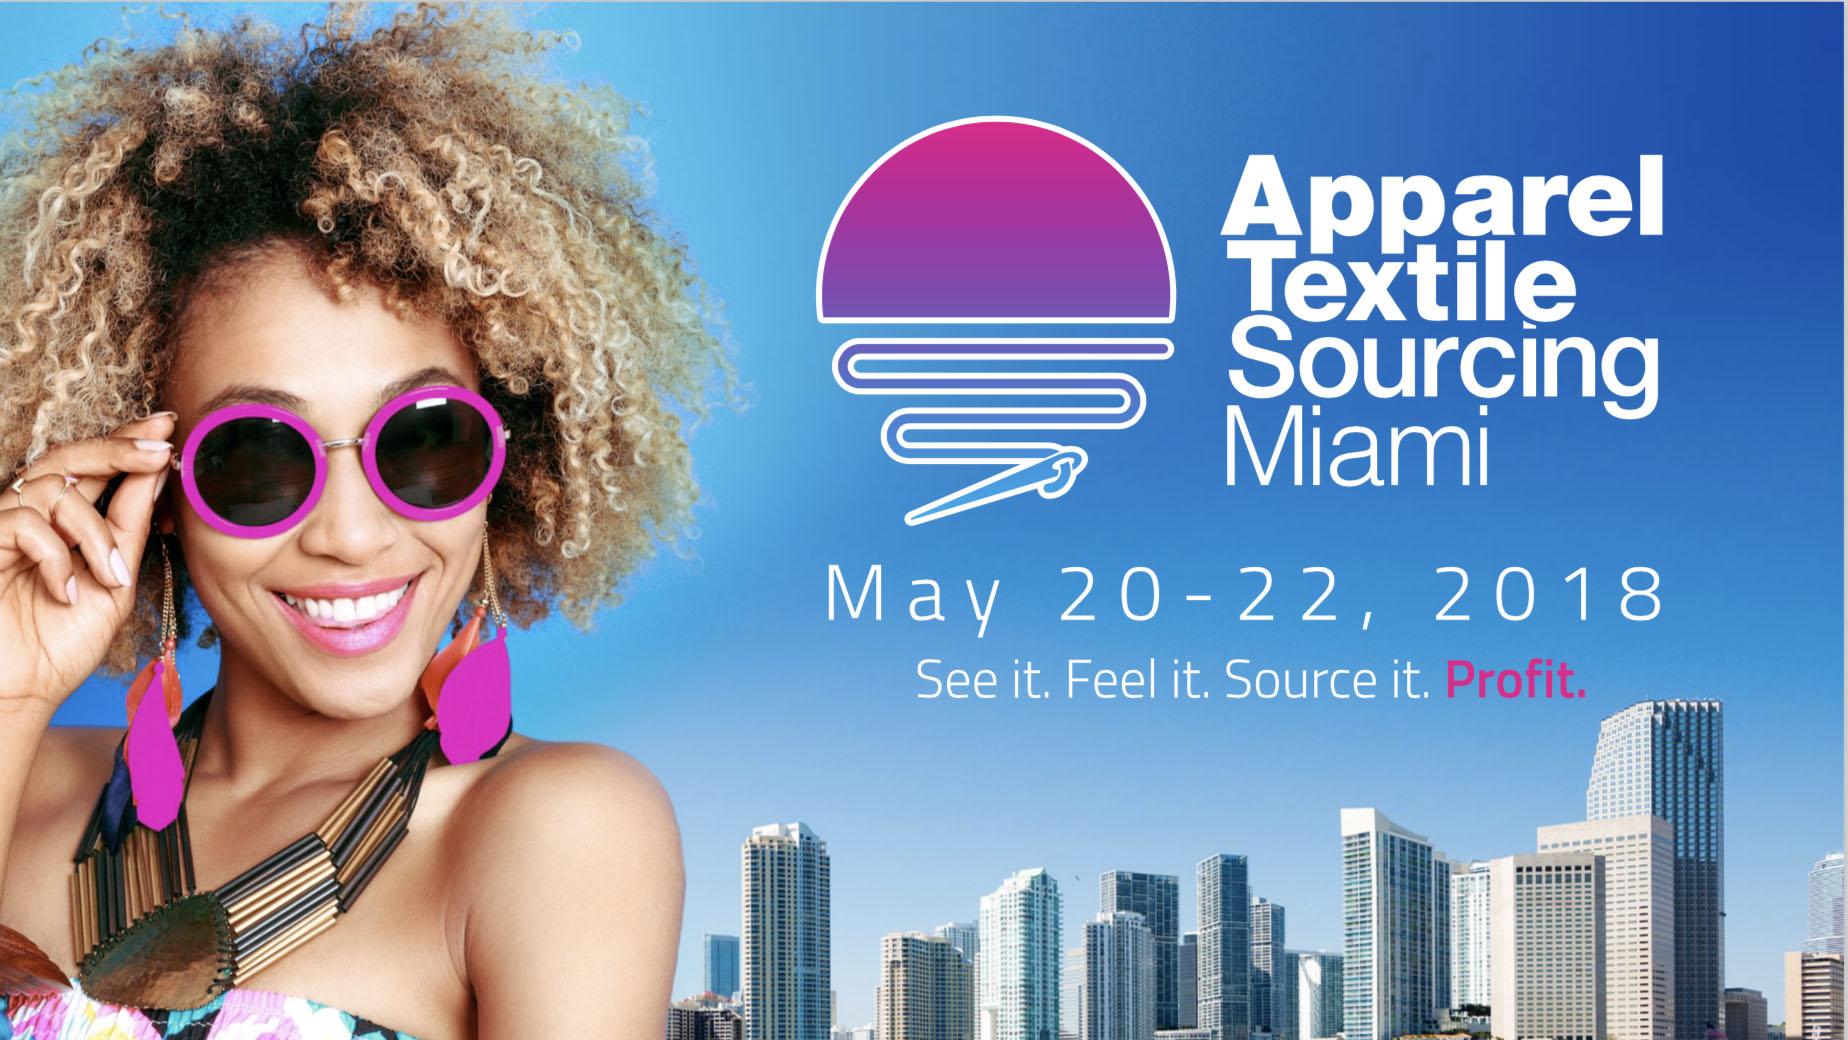 Apparel Textile Sourcing takes Miami